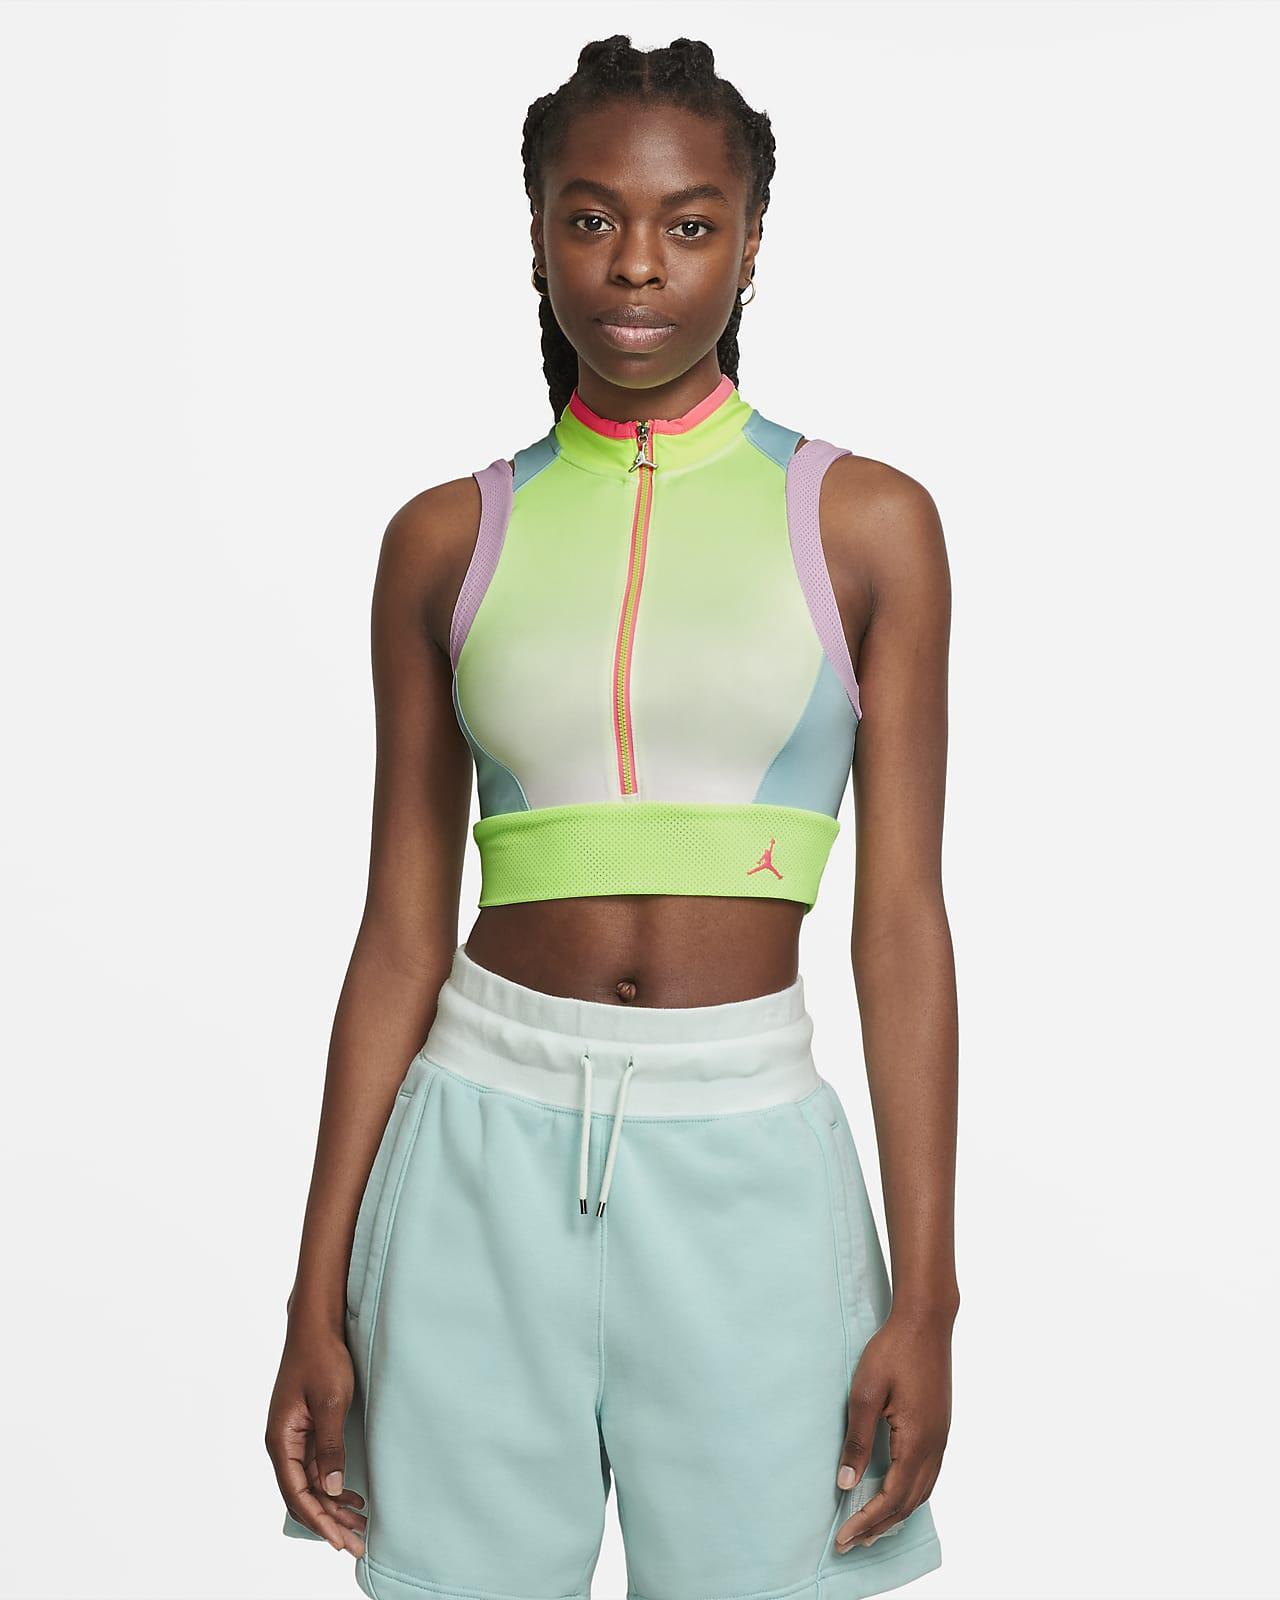 เสื้อเอวลอยผู้หญิงพิมพ์ลาย Jordan Heatwave